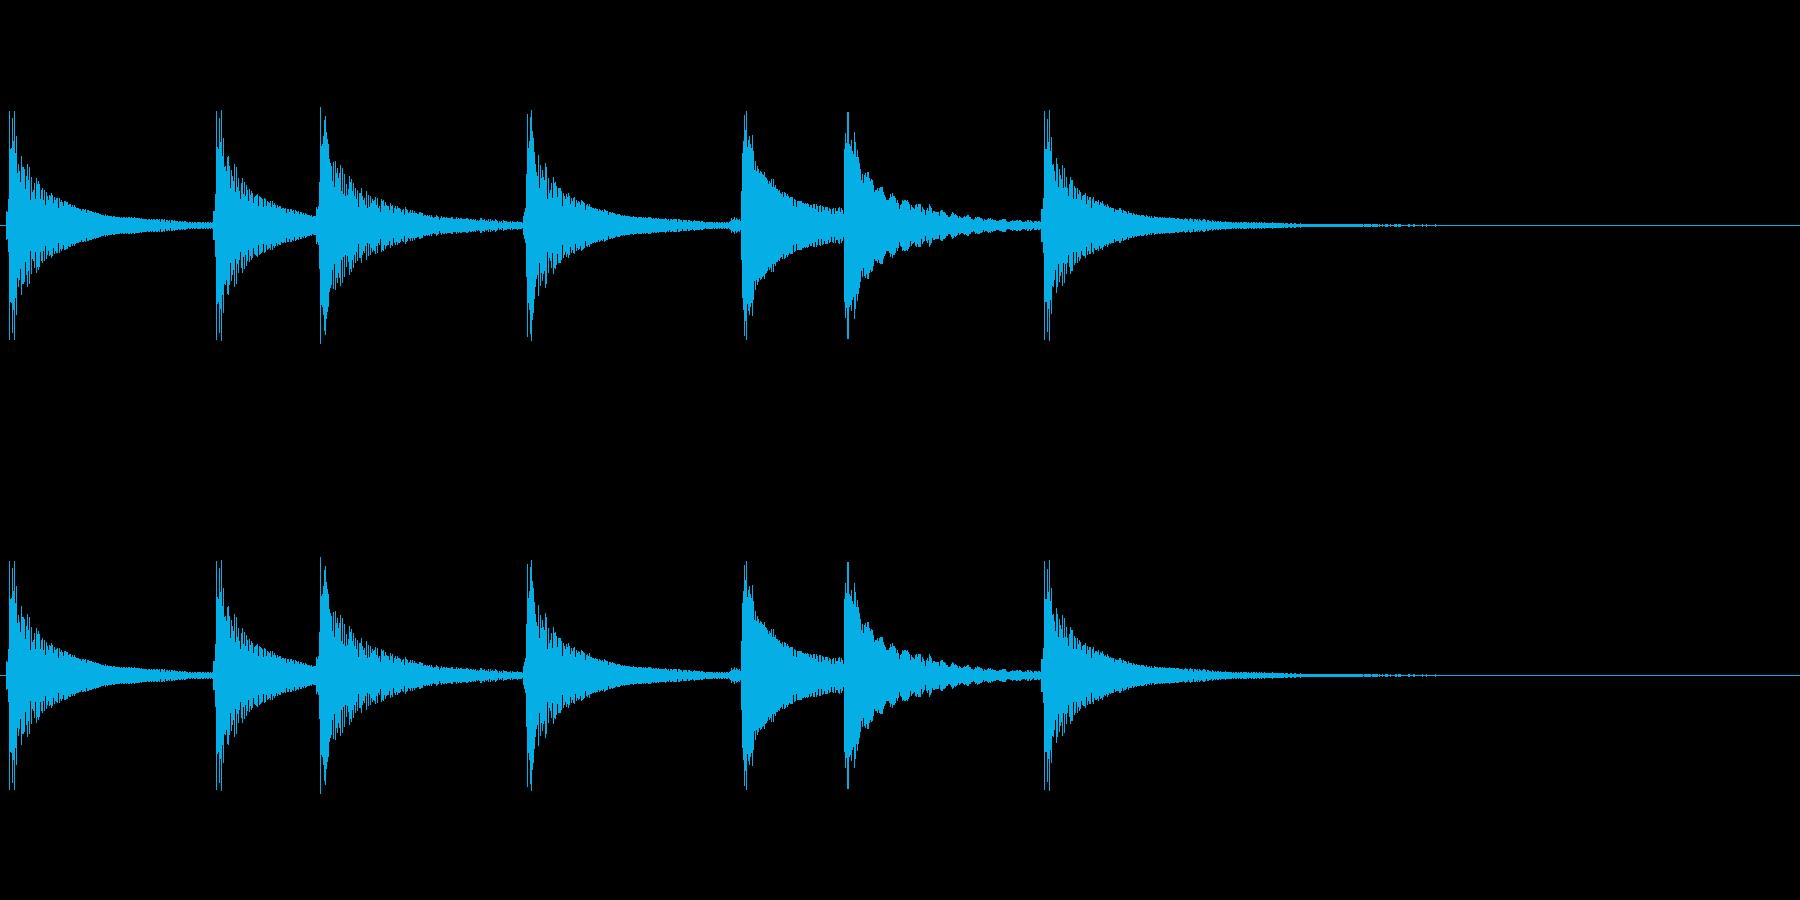 三味線のジングルの再生済みの波形